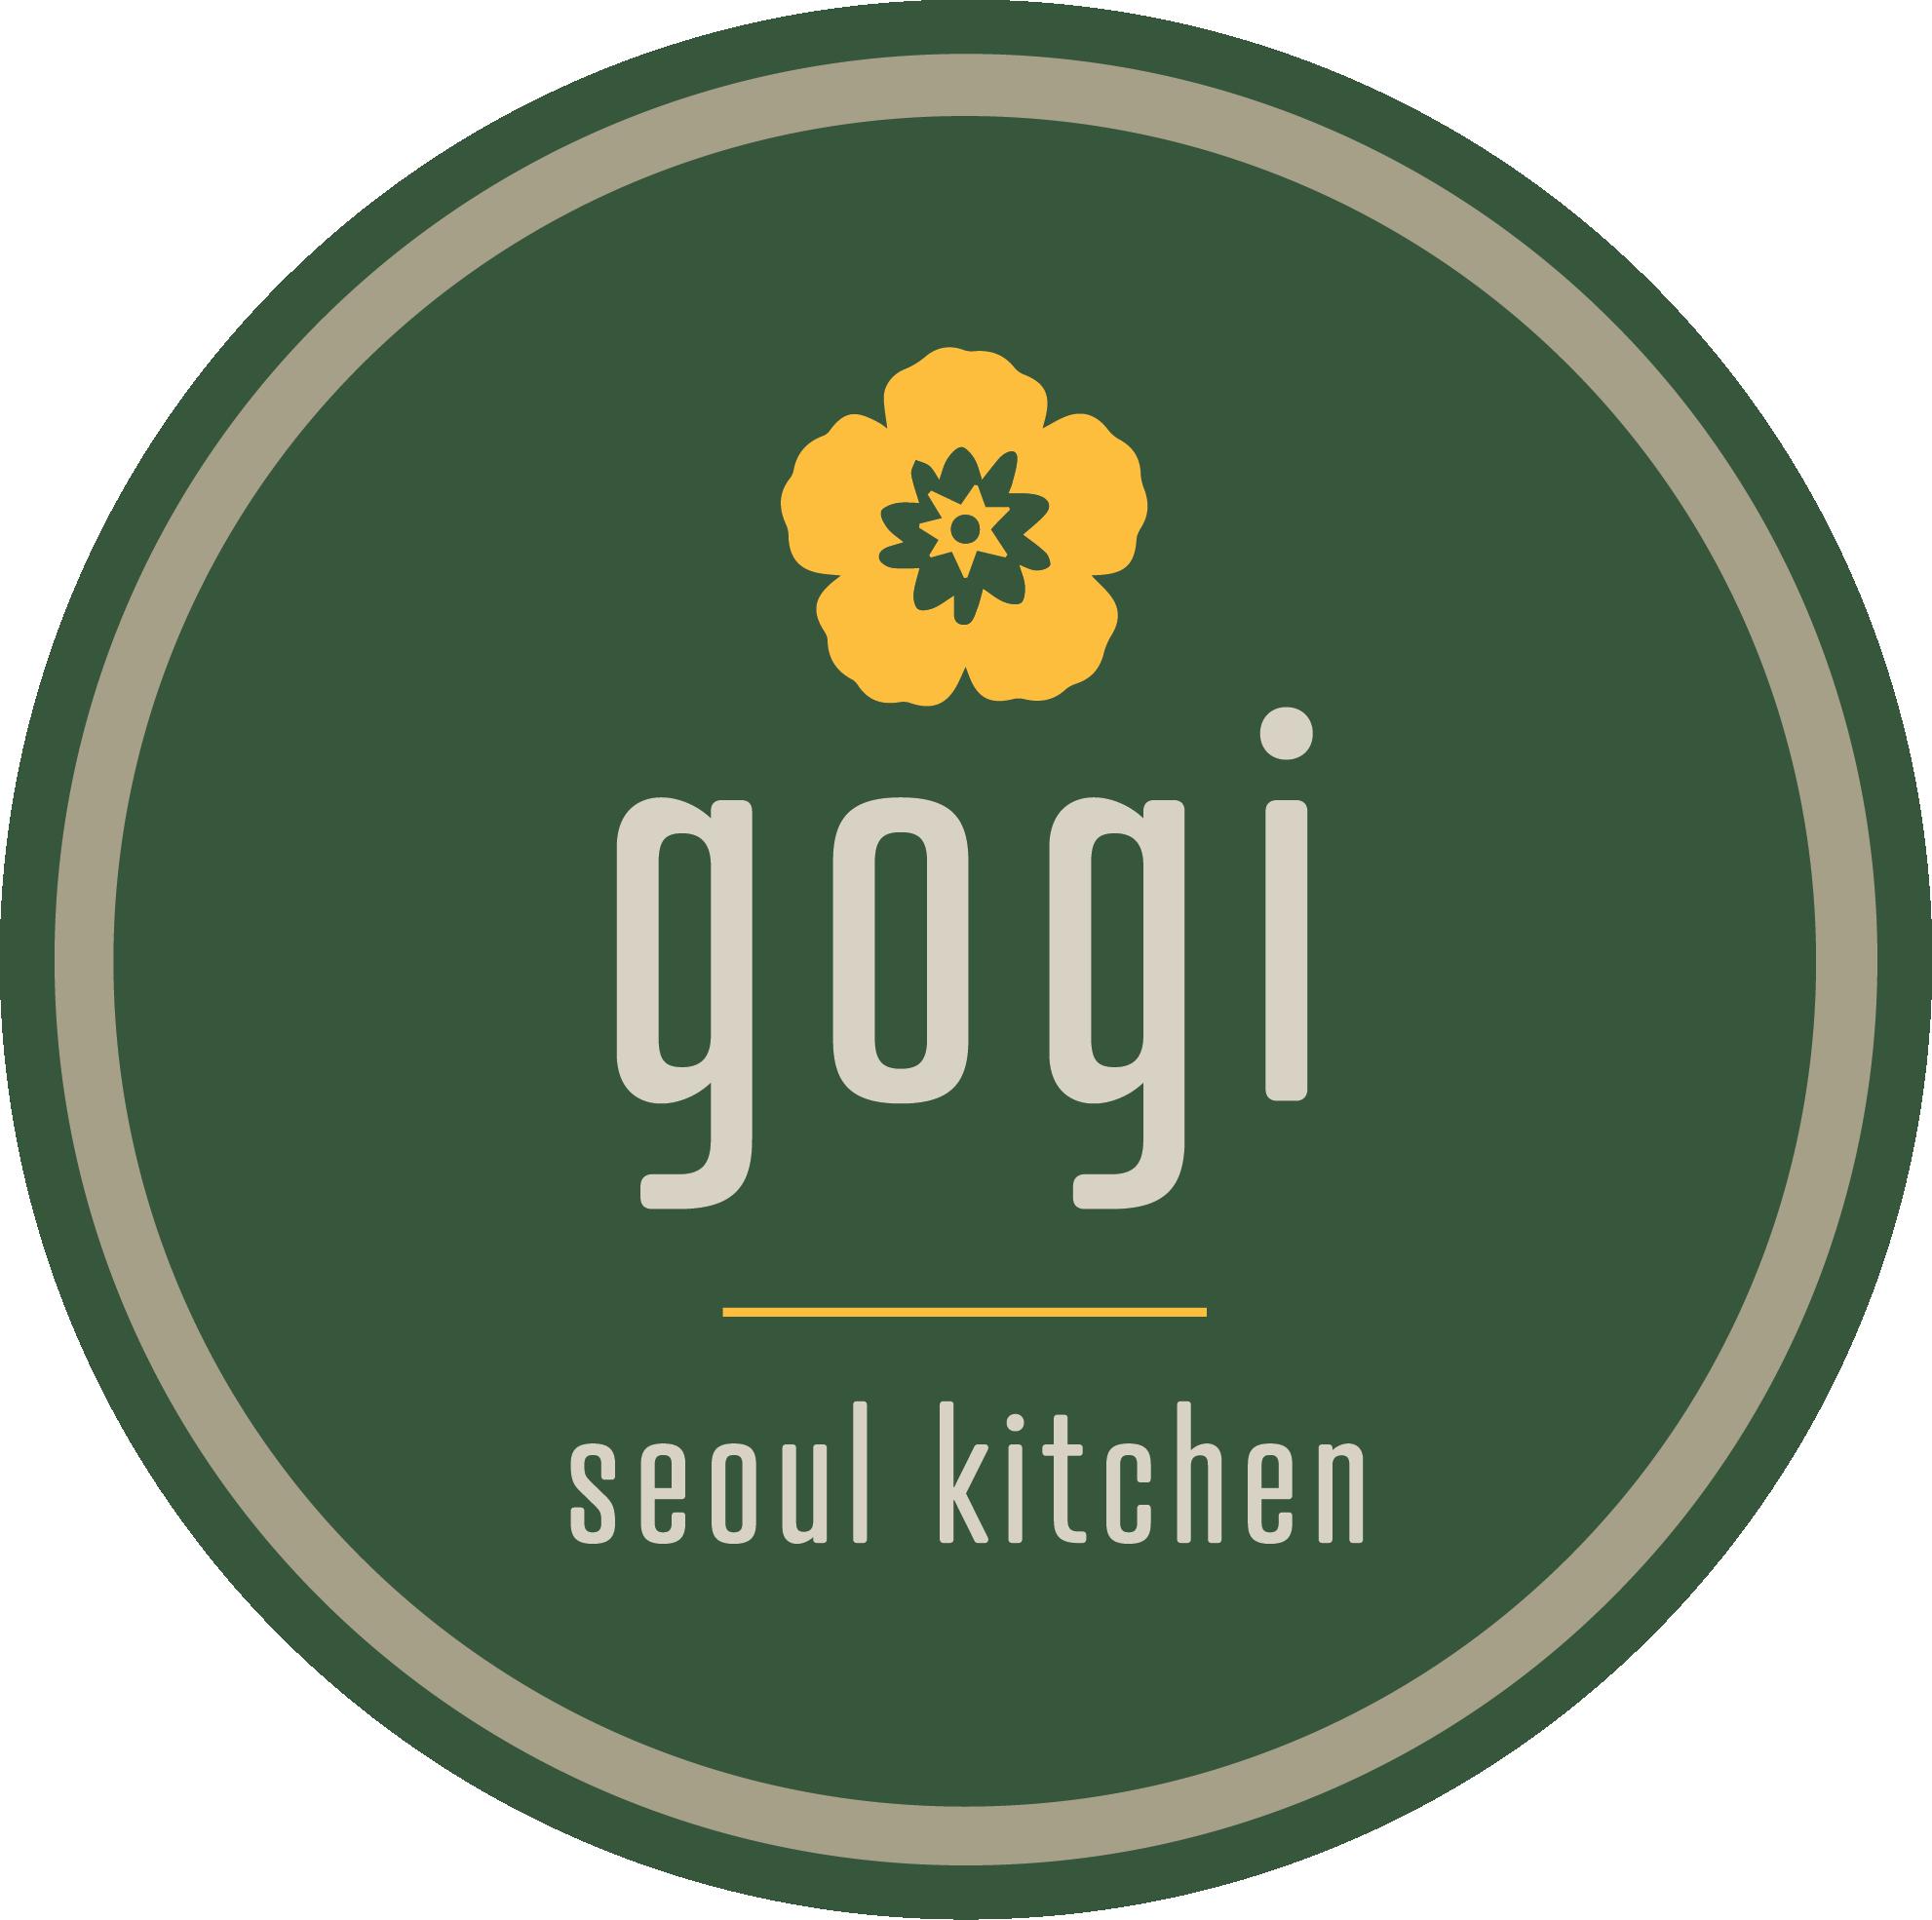 Gogi final.png